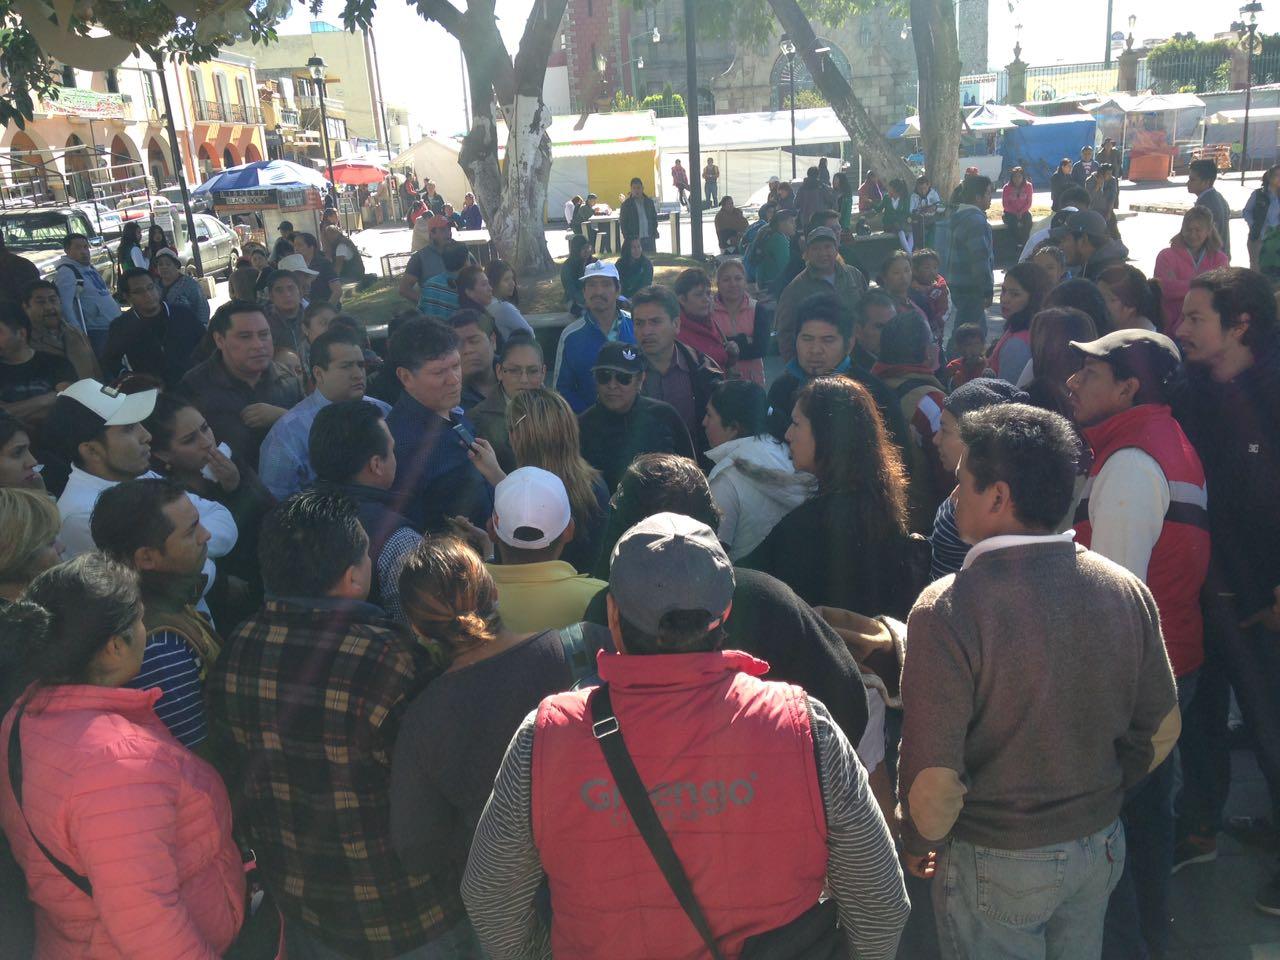 Nueva manifestación en Zacatelco ahora son comerciantes